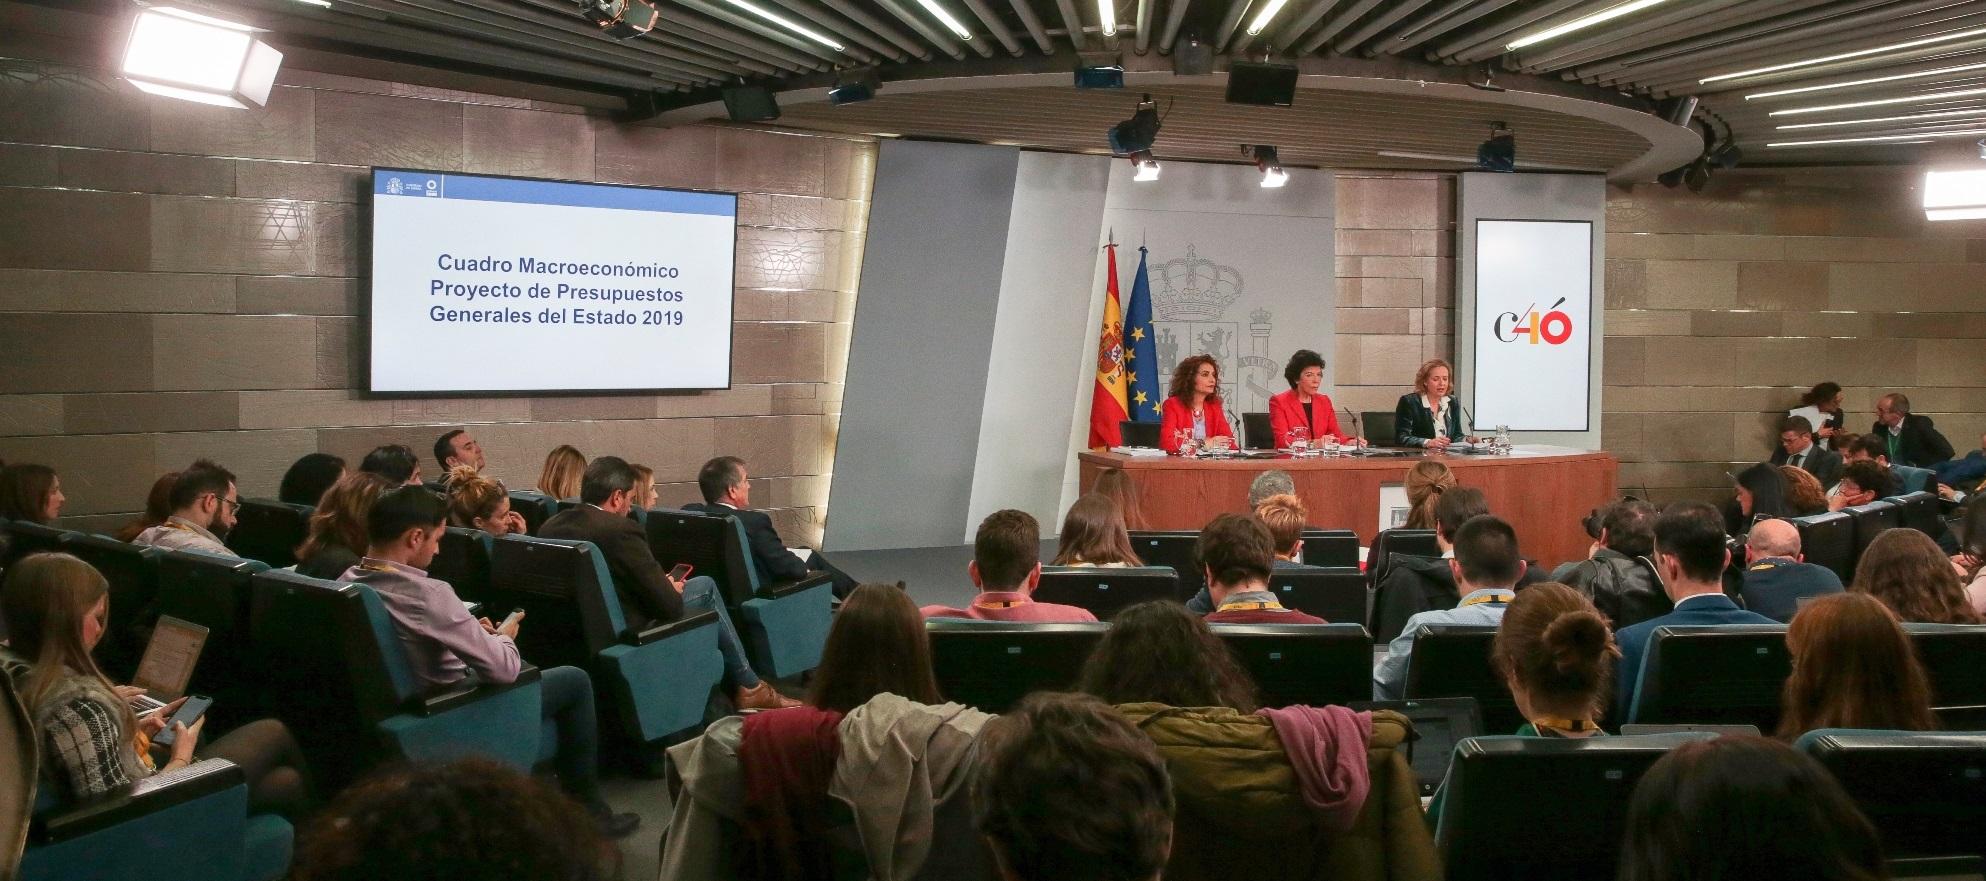 La portavoz del Gobierno, Isabel Celaá, la ministra de Hacienda, María Jesús Montero, y la ministra de Economía y Empresa, Nadia Calviño. Pool Moncloa/JM Cuadrado.